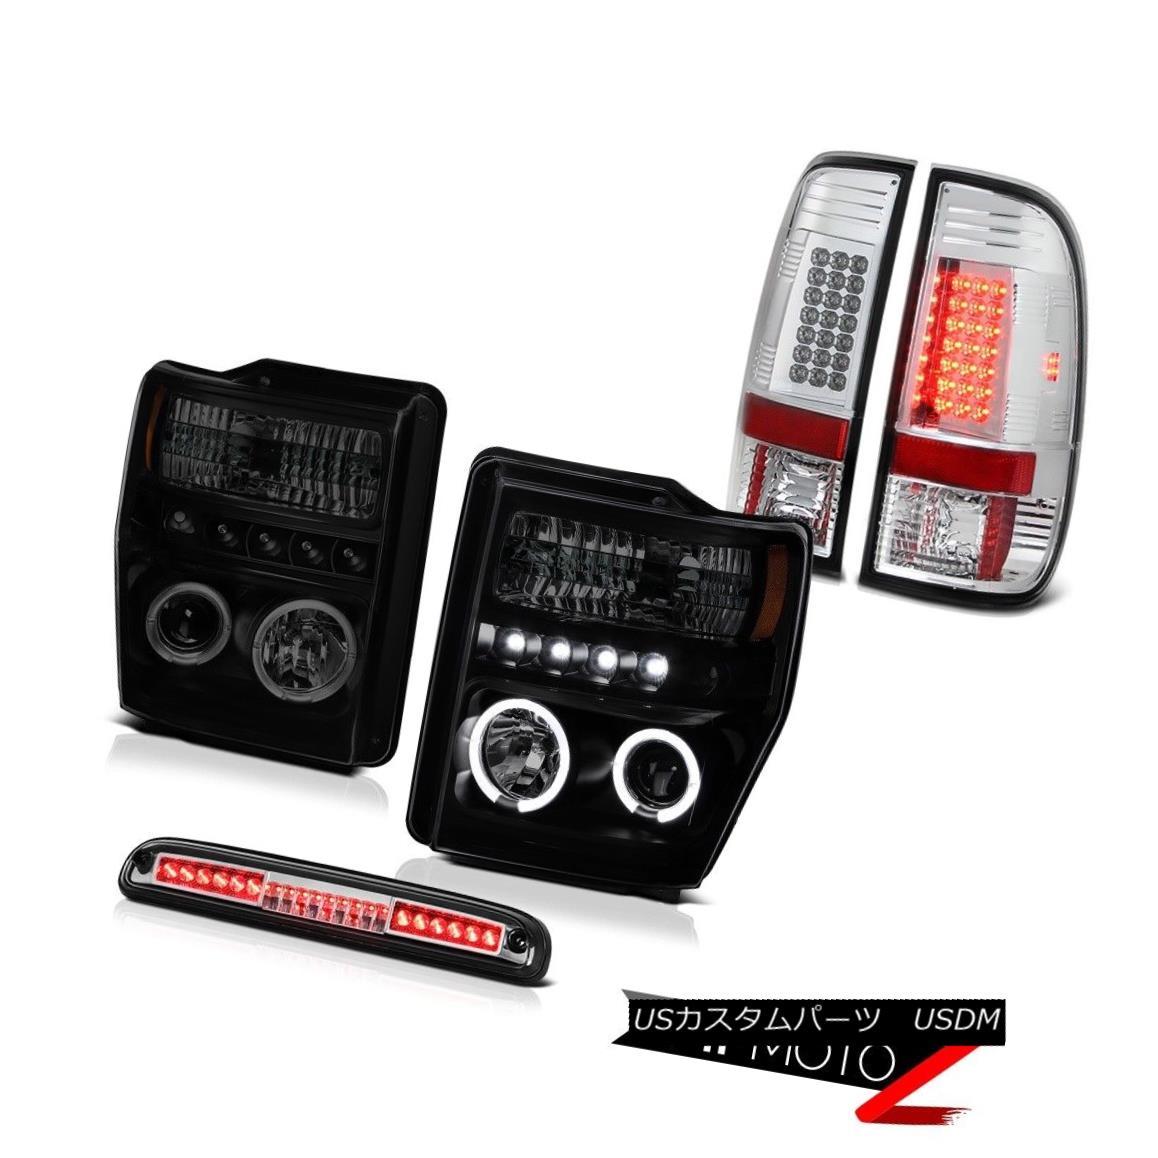 テールライト Sinister Black Headlight High Stop LED Chrome Tail Light 08-10 F350 Turbo Diesel シニスターブラックヘッドライトハイストップLEDクロムテールライト08-10 F350ターボディーゼル